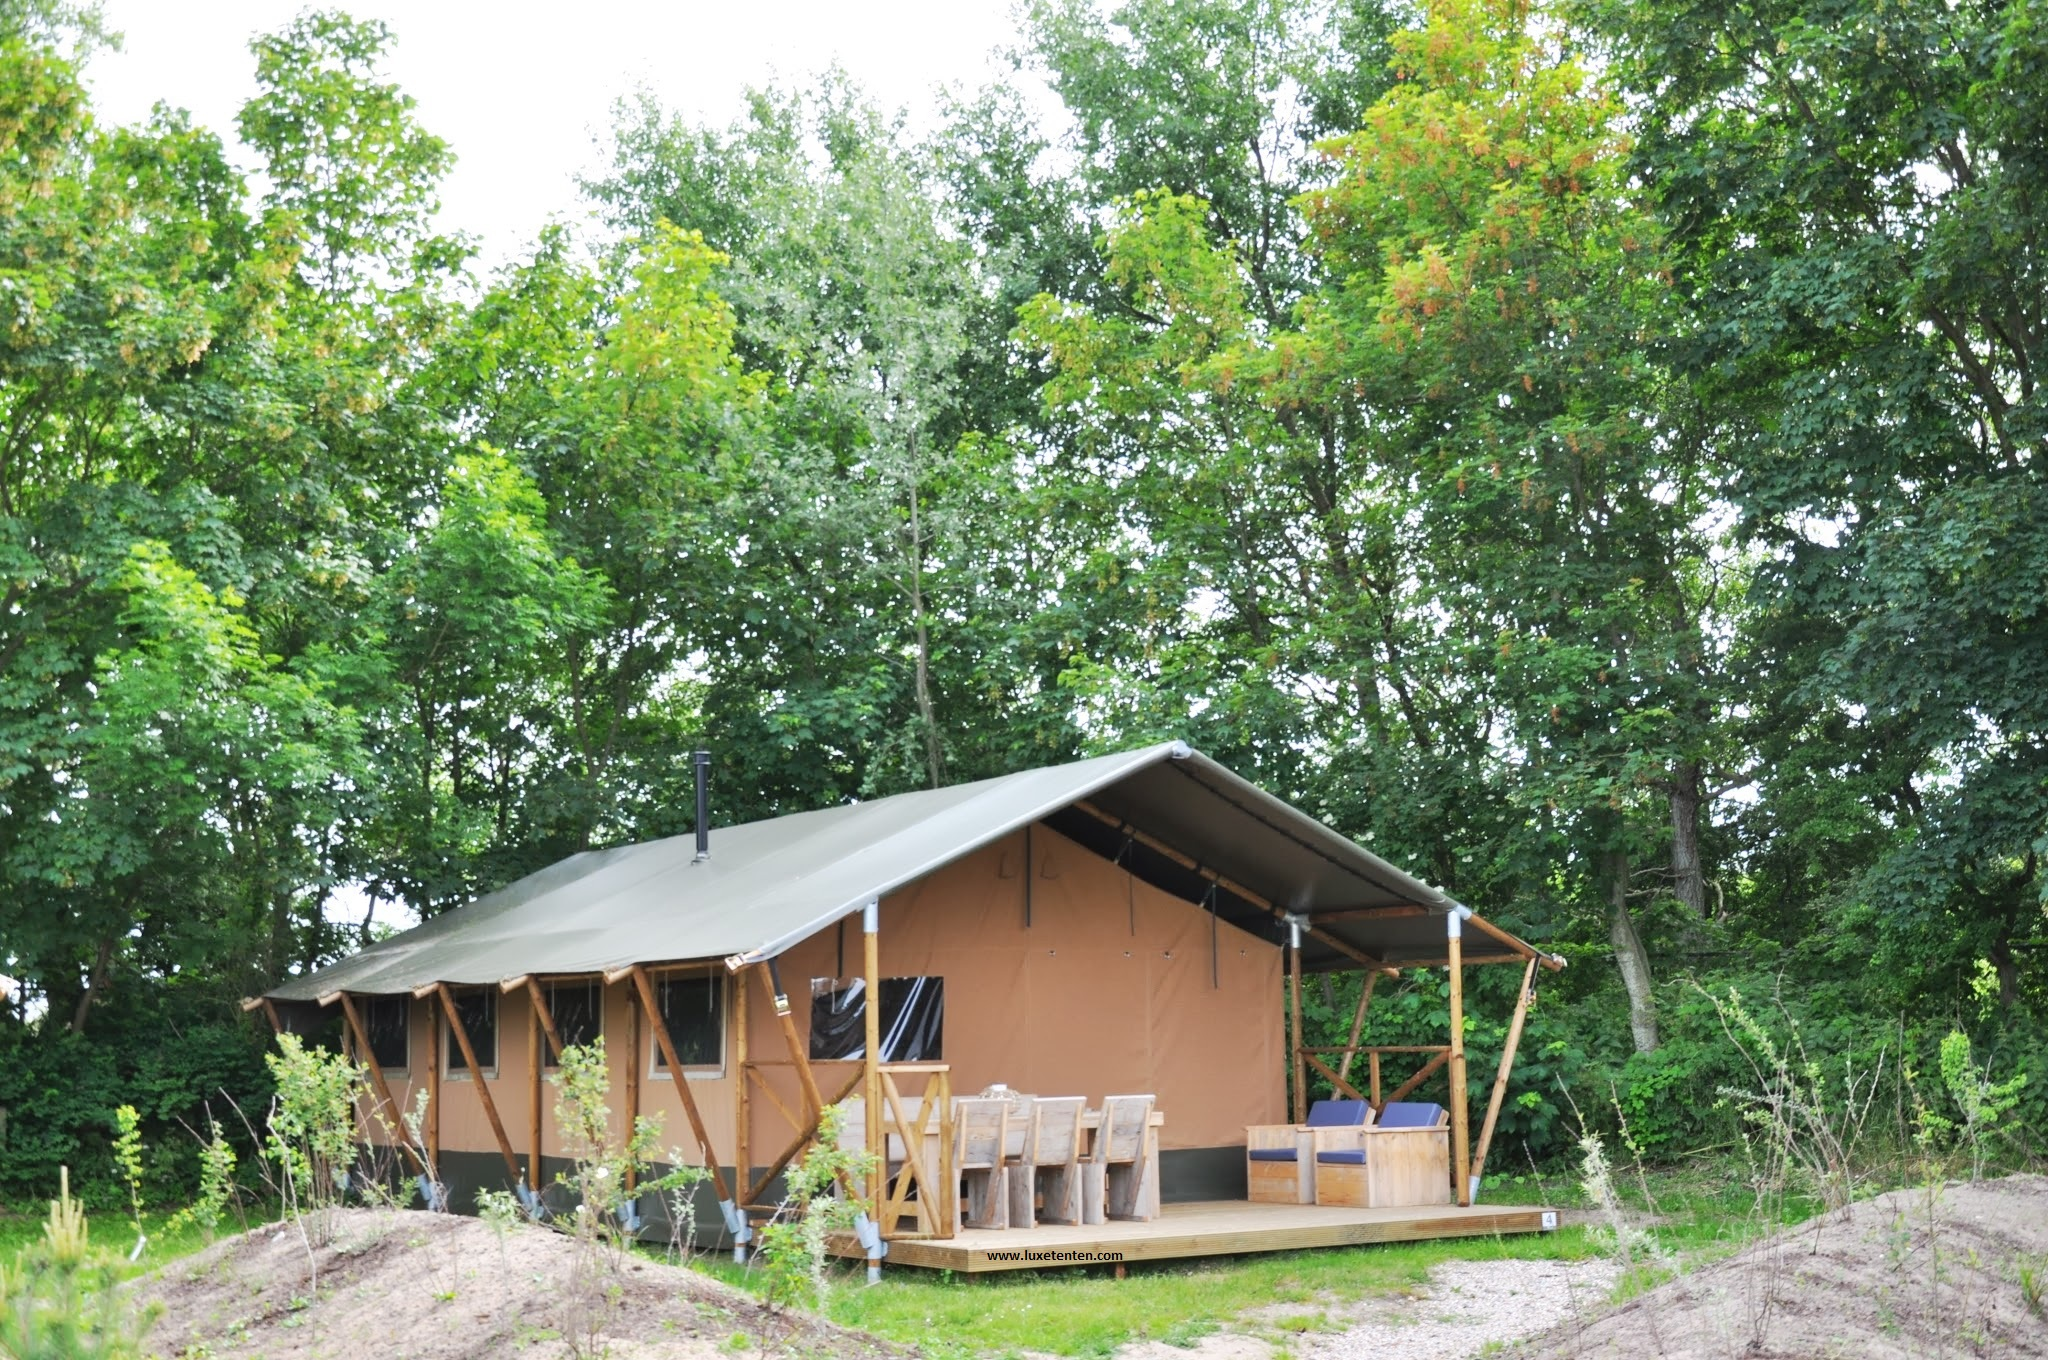 Hébergement Original Et Tout Confort   Camping 3 étoiles à Belle Ile ...